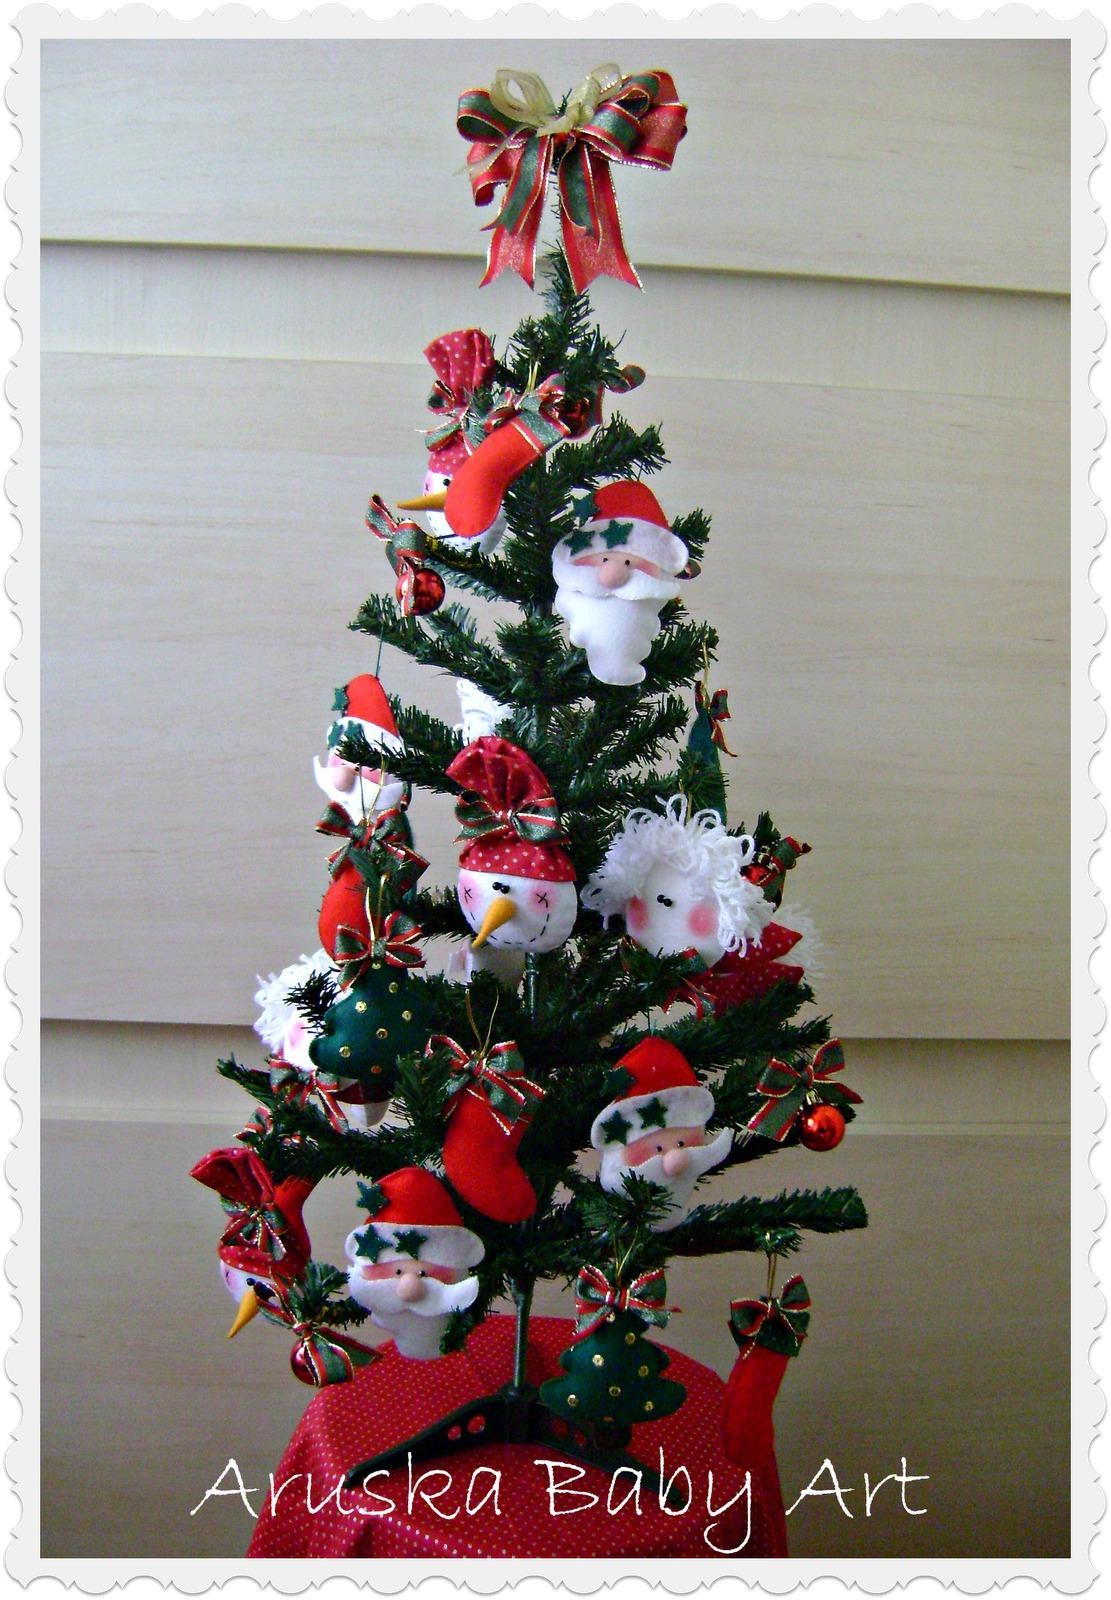 decorar uma arvore de natal:arvore-de-natal-decorada-decoracao arvore-de-natal-decorada-anjo